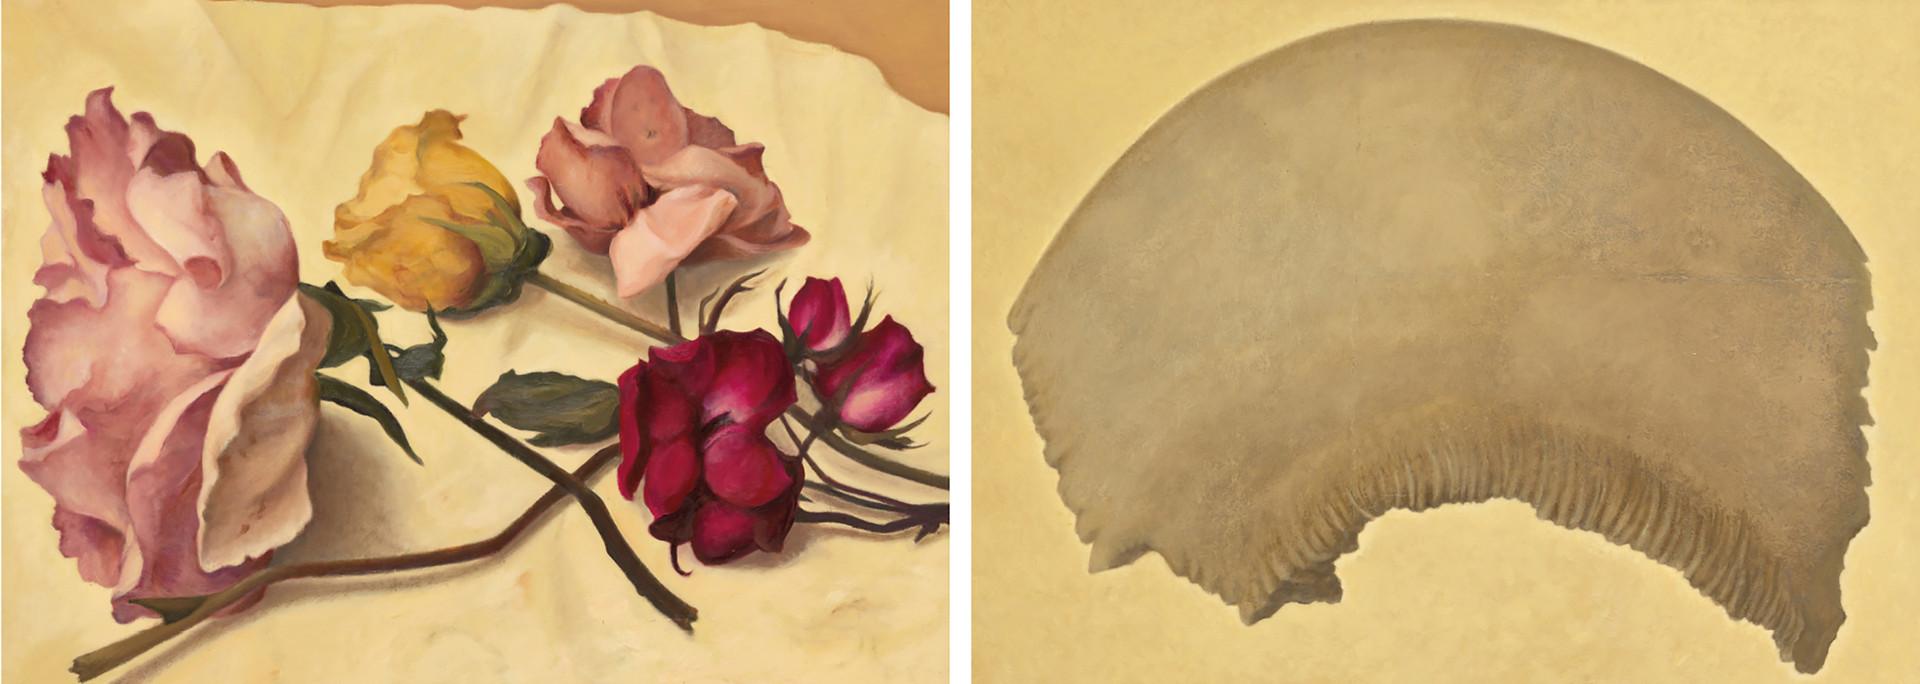 Senza titolo, 2019, olio su carta su tela, cm 110 x 80 ognuno